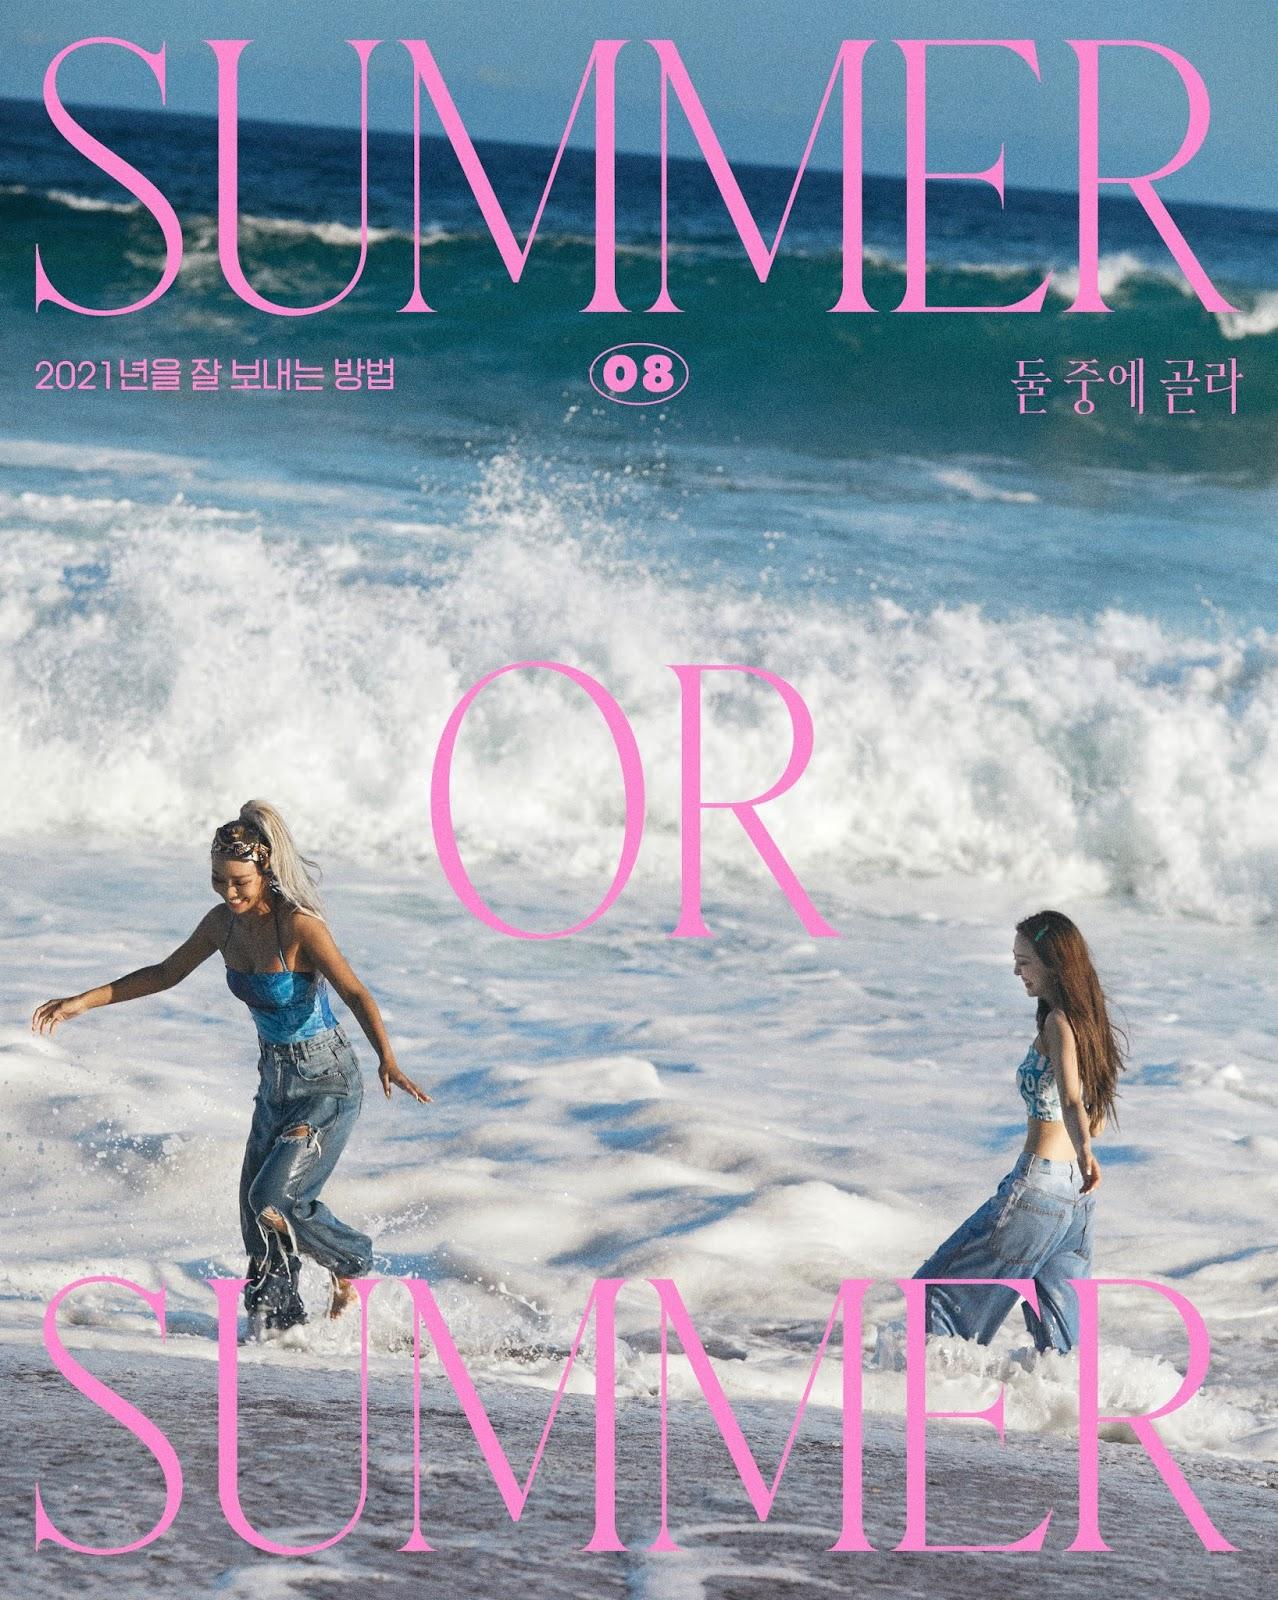 Summer or Summer hyolyn dasom